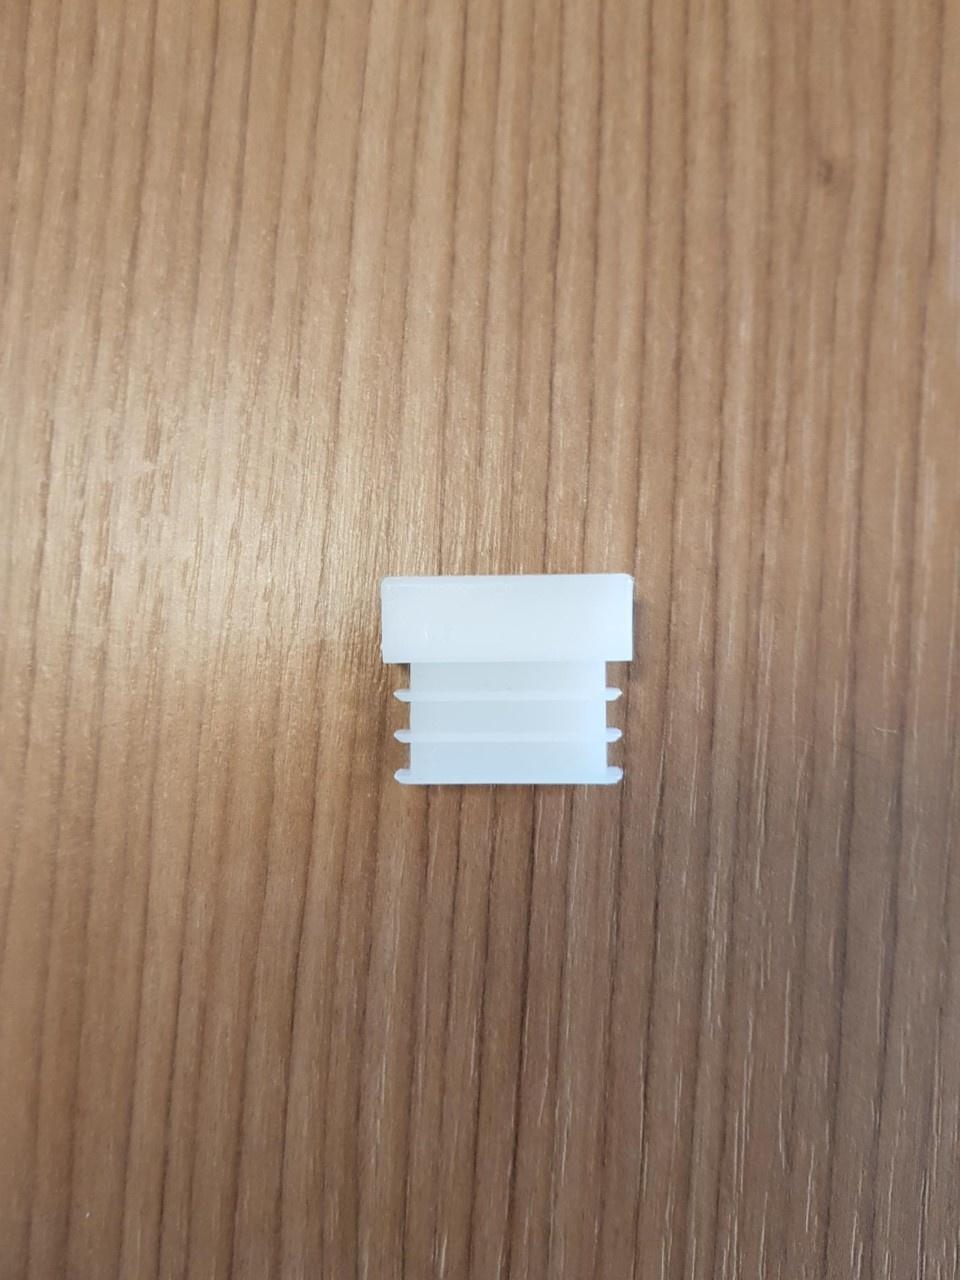 Pedrali Losse pootdop klapstoel Pocket S serie